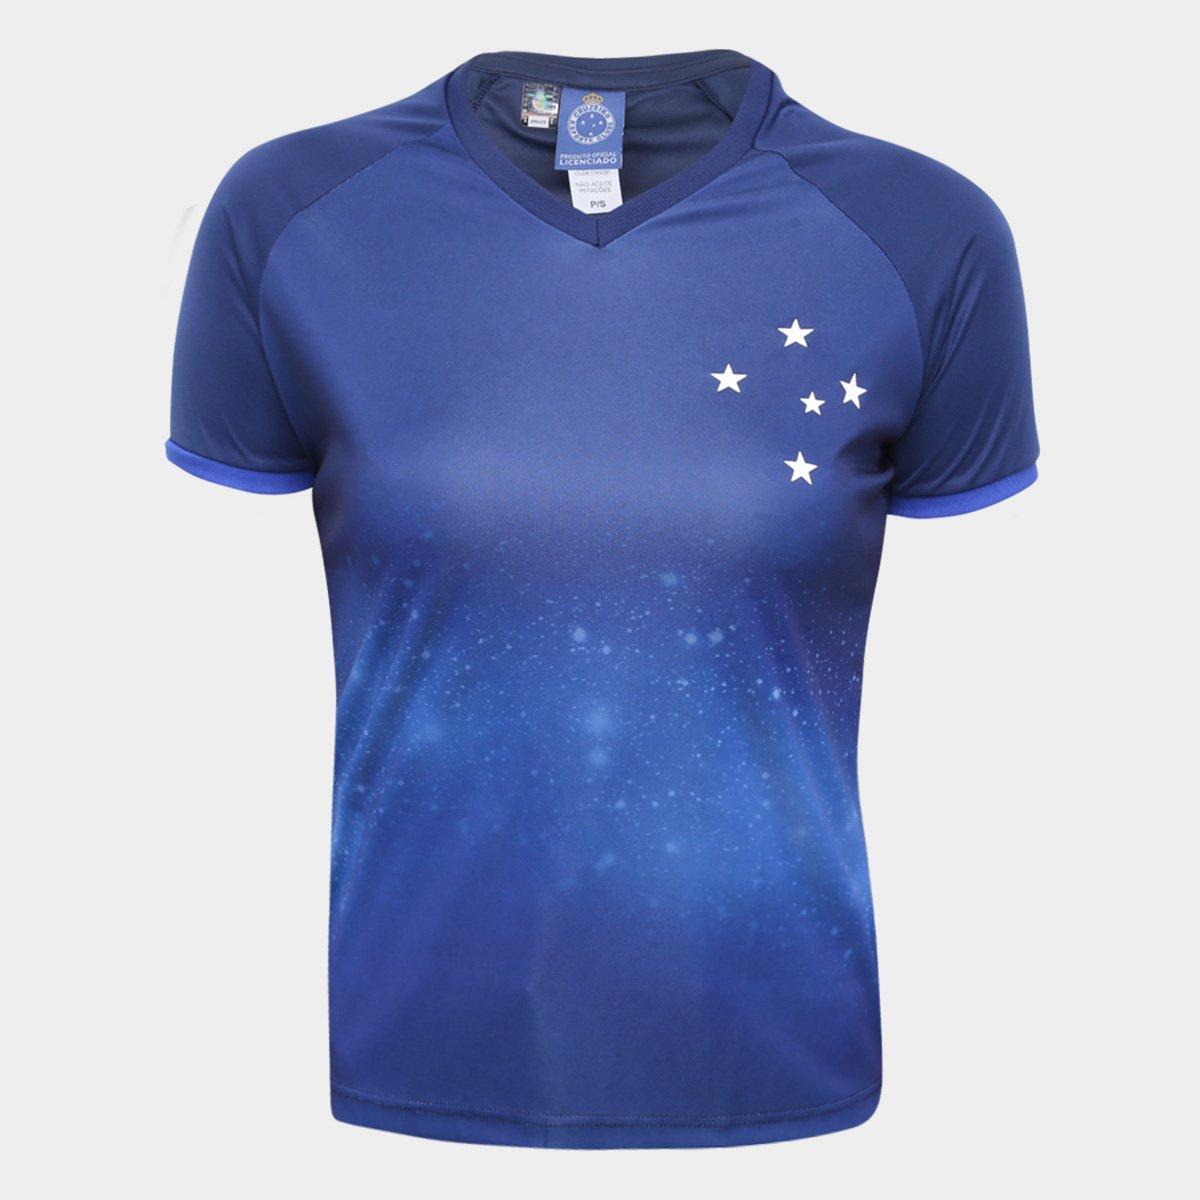 Camisa Cruzeiro Constelação Edição Limitada Feminina